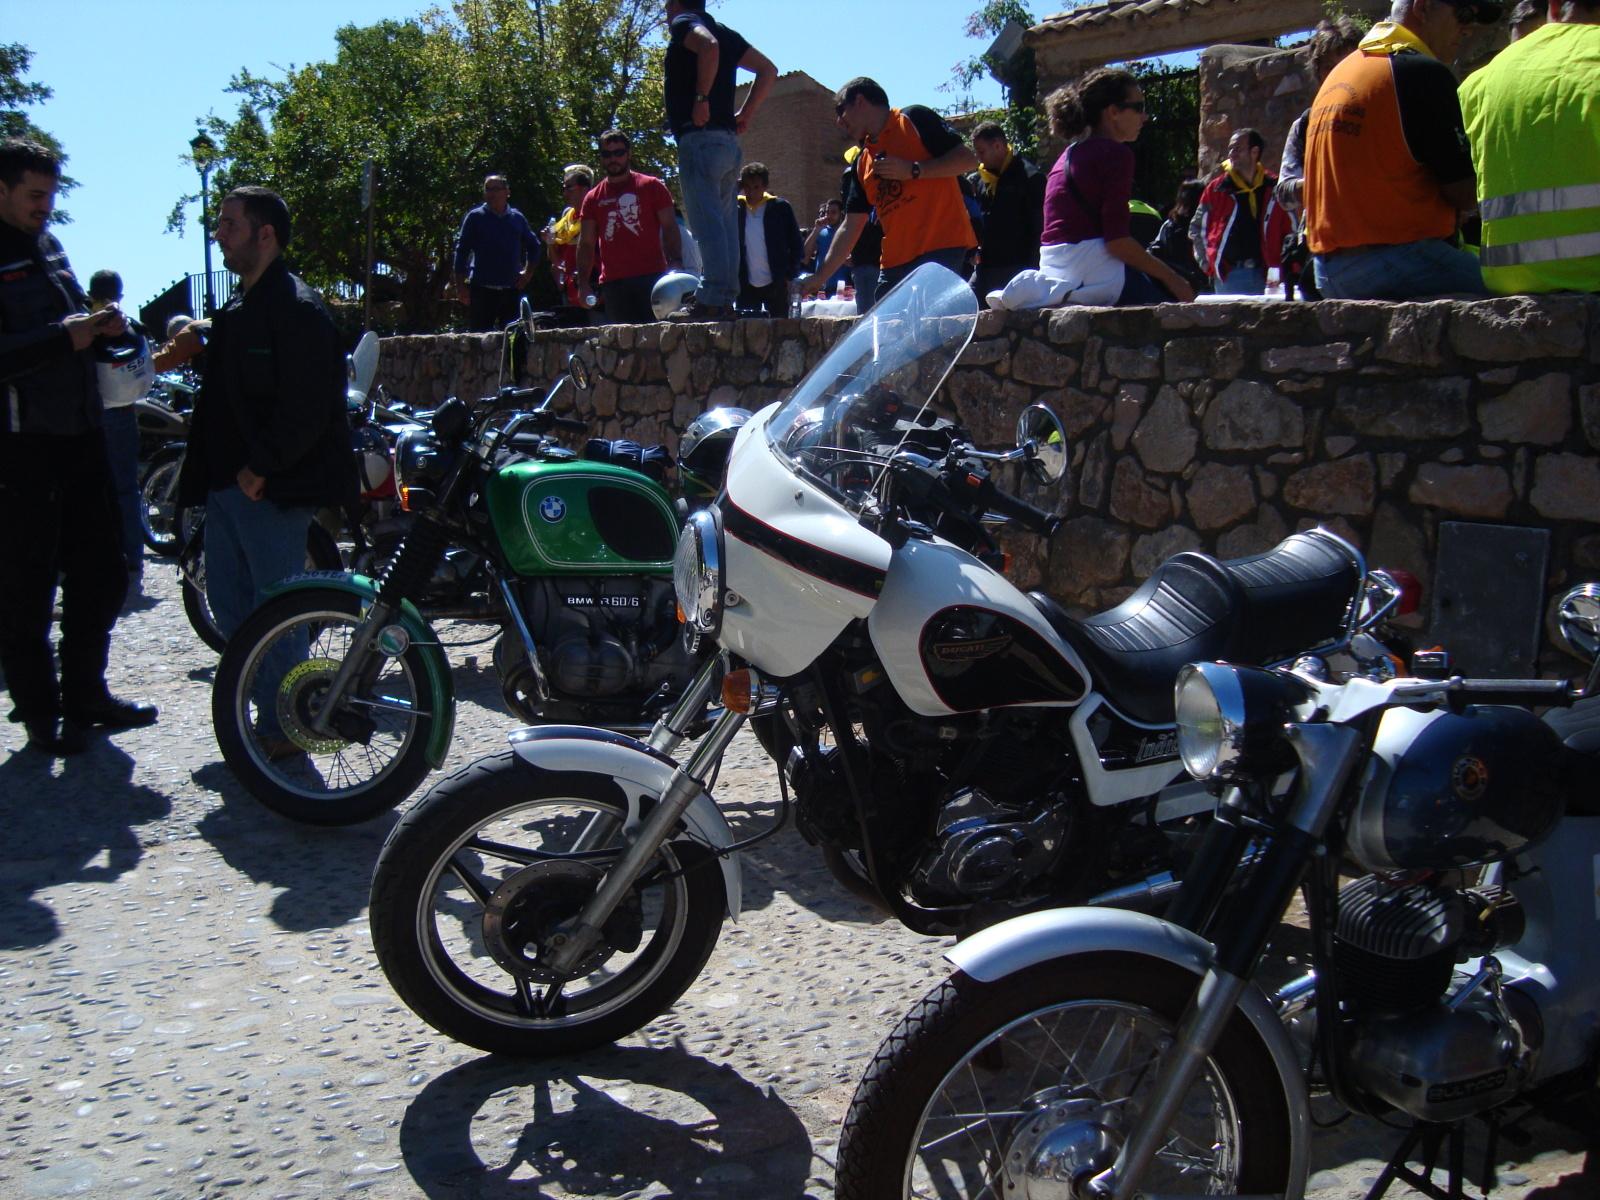 XI concentracion de motos antiguas en Alberuela de tubo (Huesca) 2vae8p2